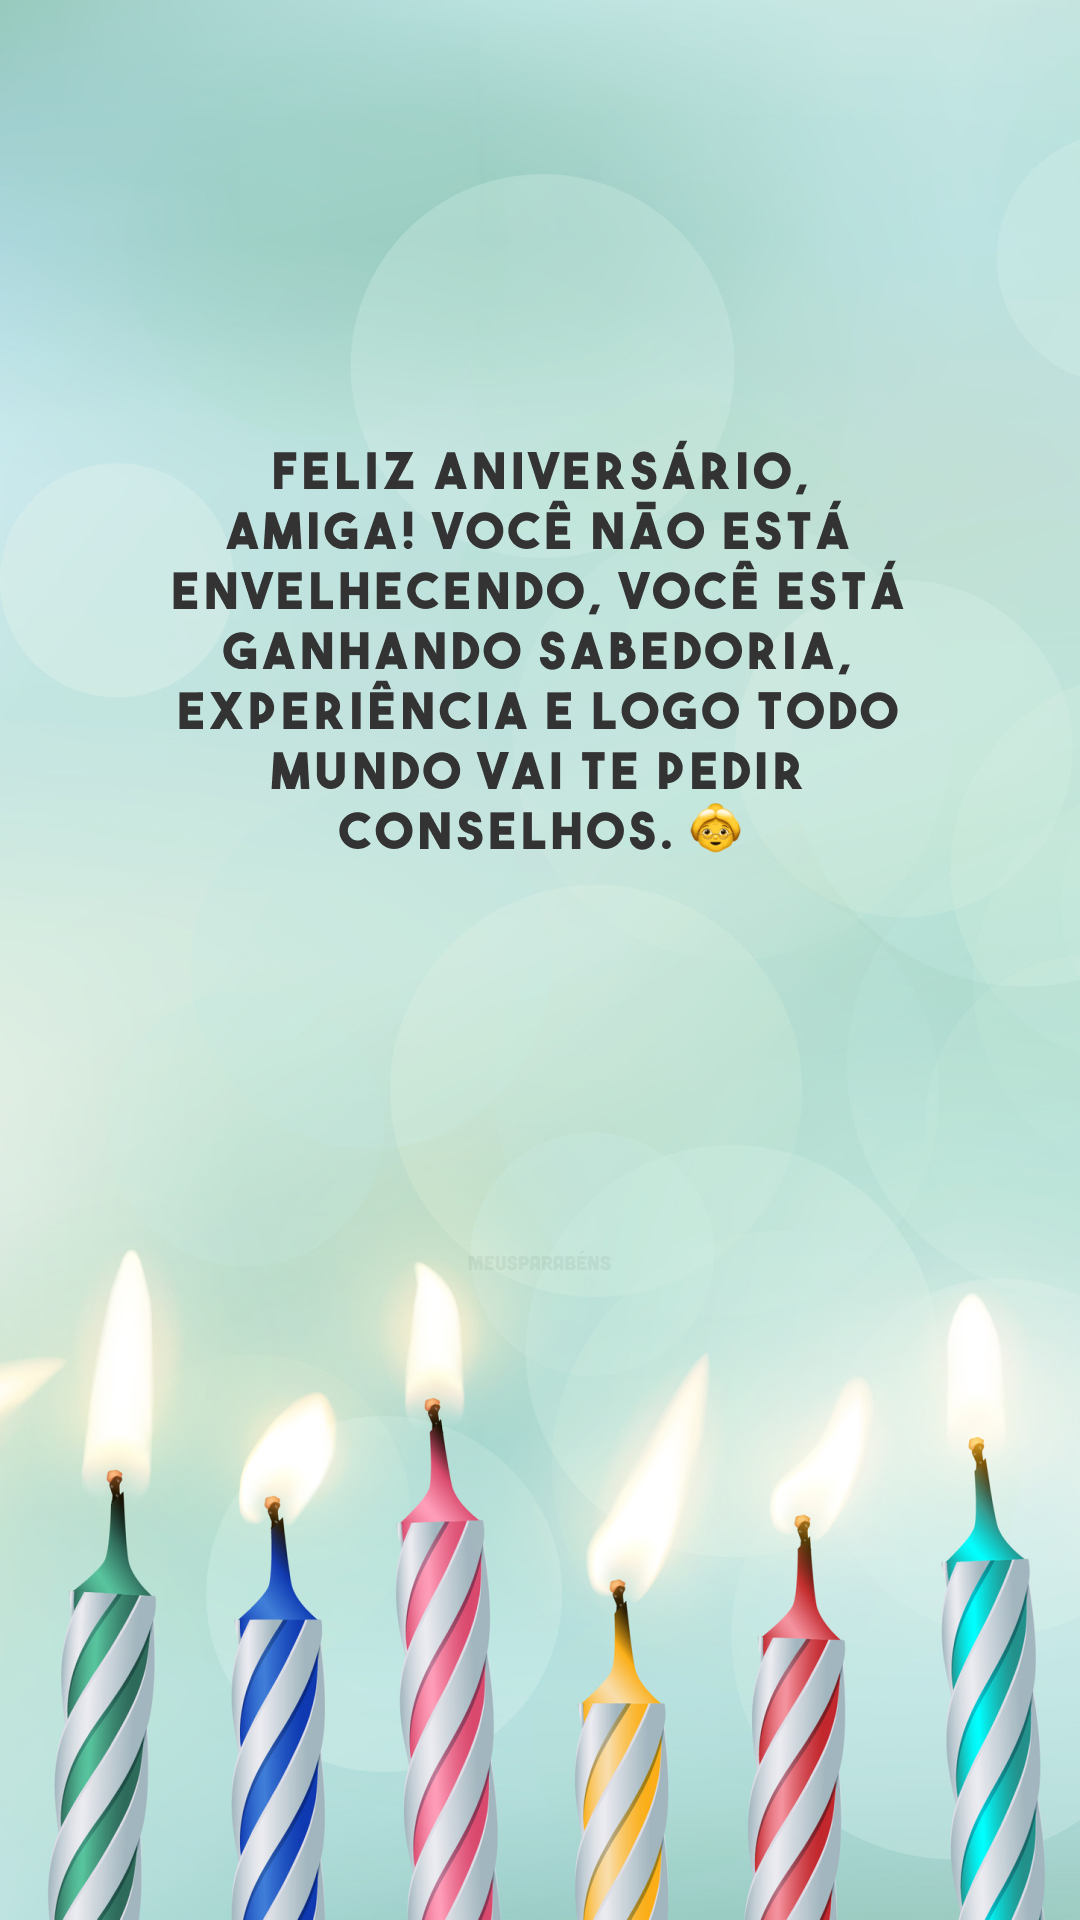 Feliz aniversário, amiga! Você não está envelhecendo, você está ganhando sabedoria, experiência e logo todo mundo vai te pedir conselhos. 👵